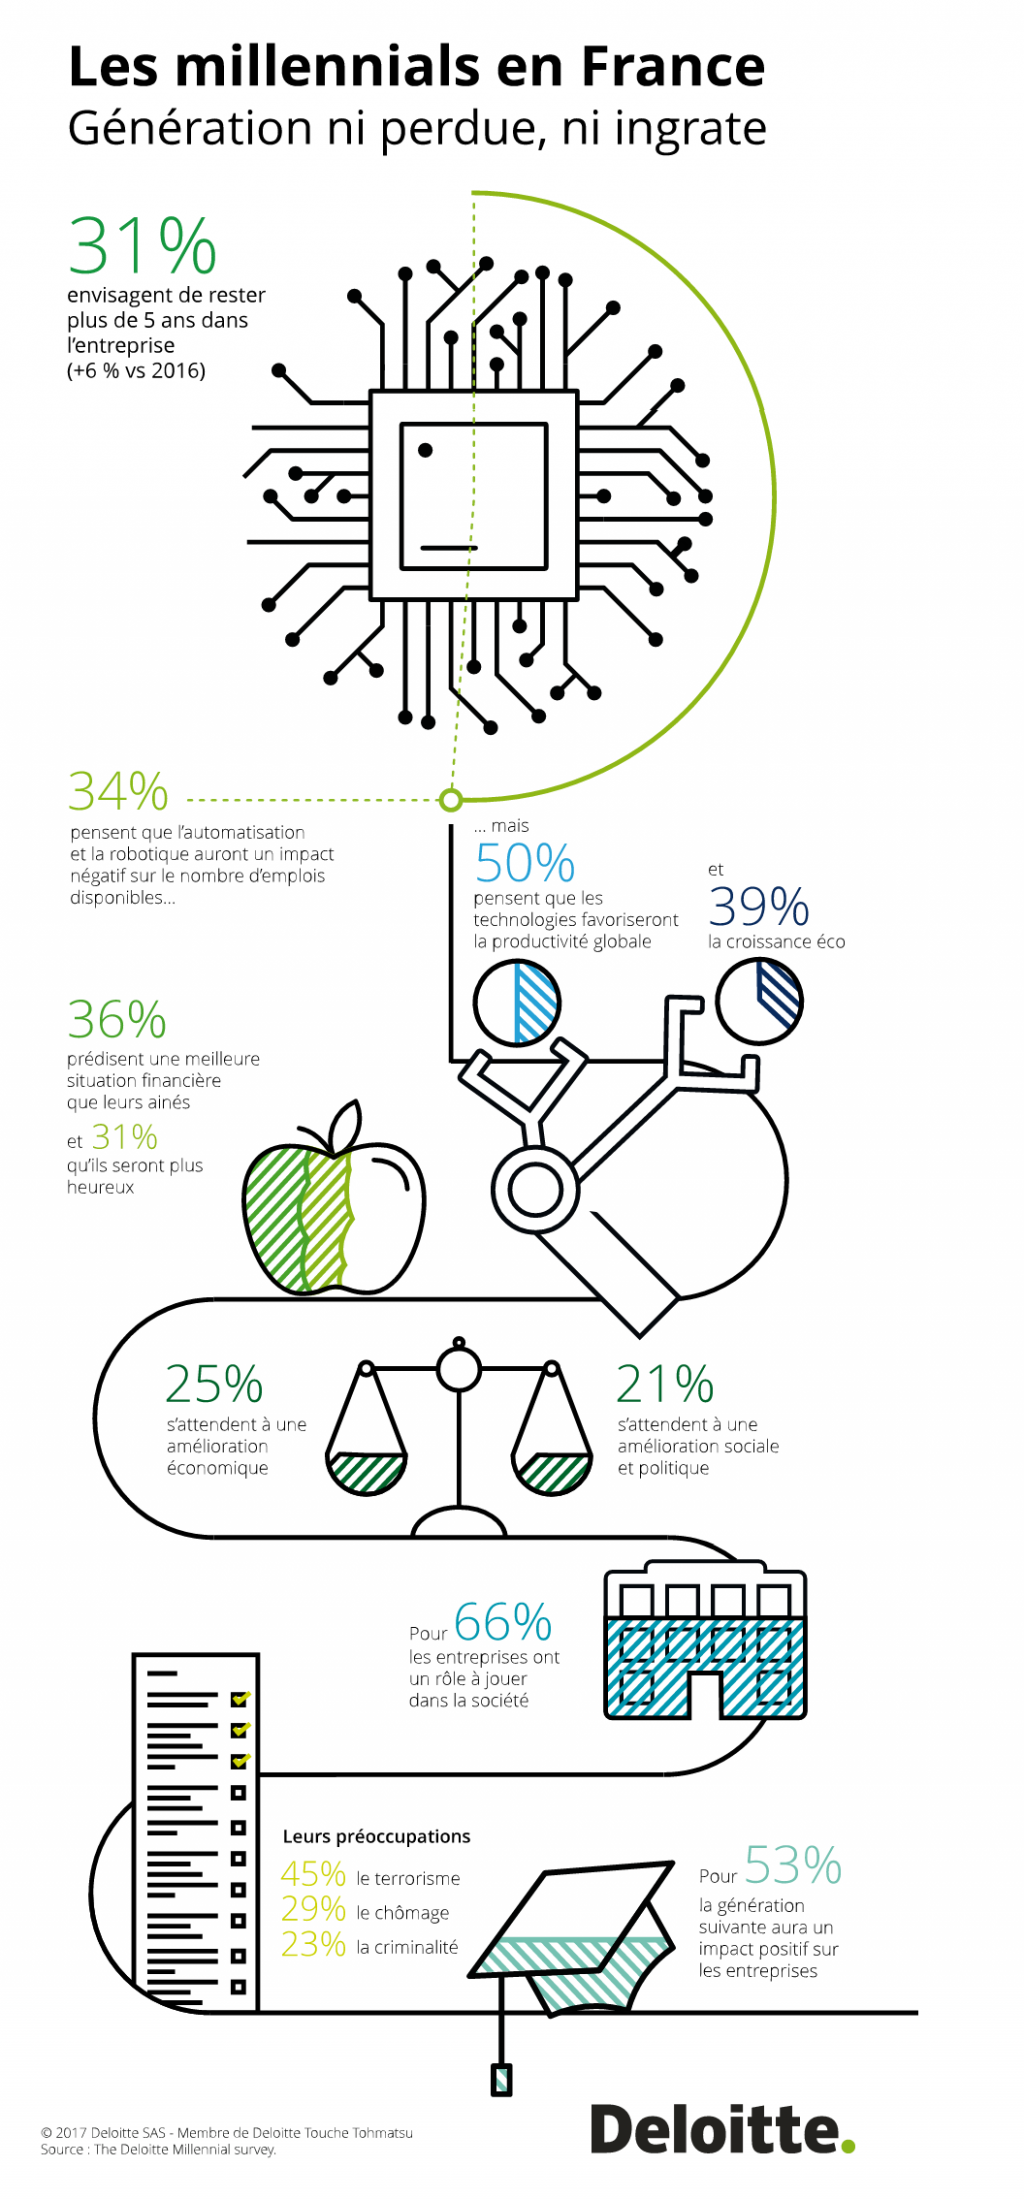 infographie millennials deloitte